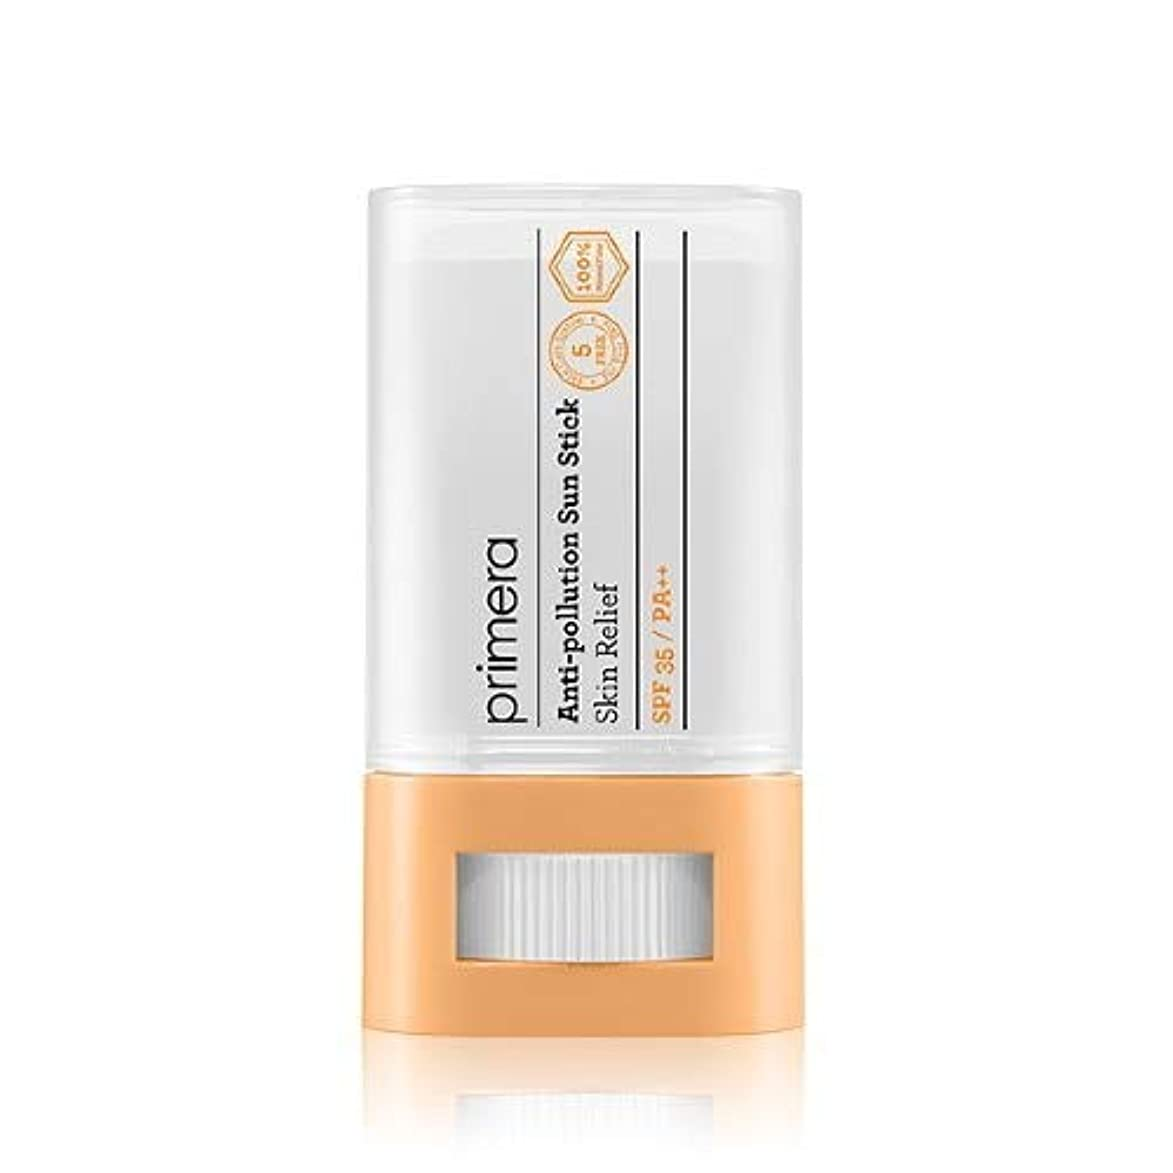 検閲鉱夫荒涼としたPRIMERA プリメラ Skin Relief Anti-pollution Sun Stick サンスティック 16g, SPF35 PA++ 韓国日焼け止め